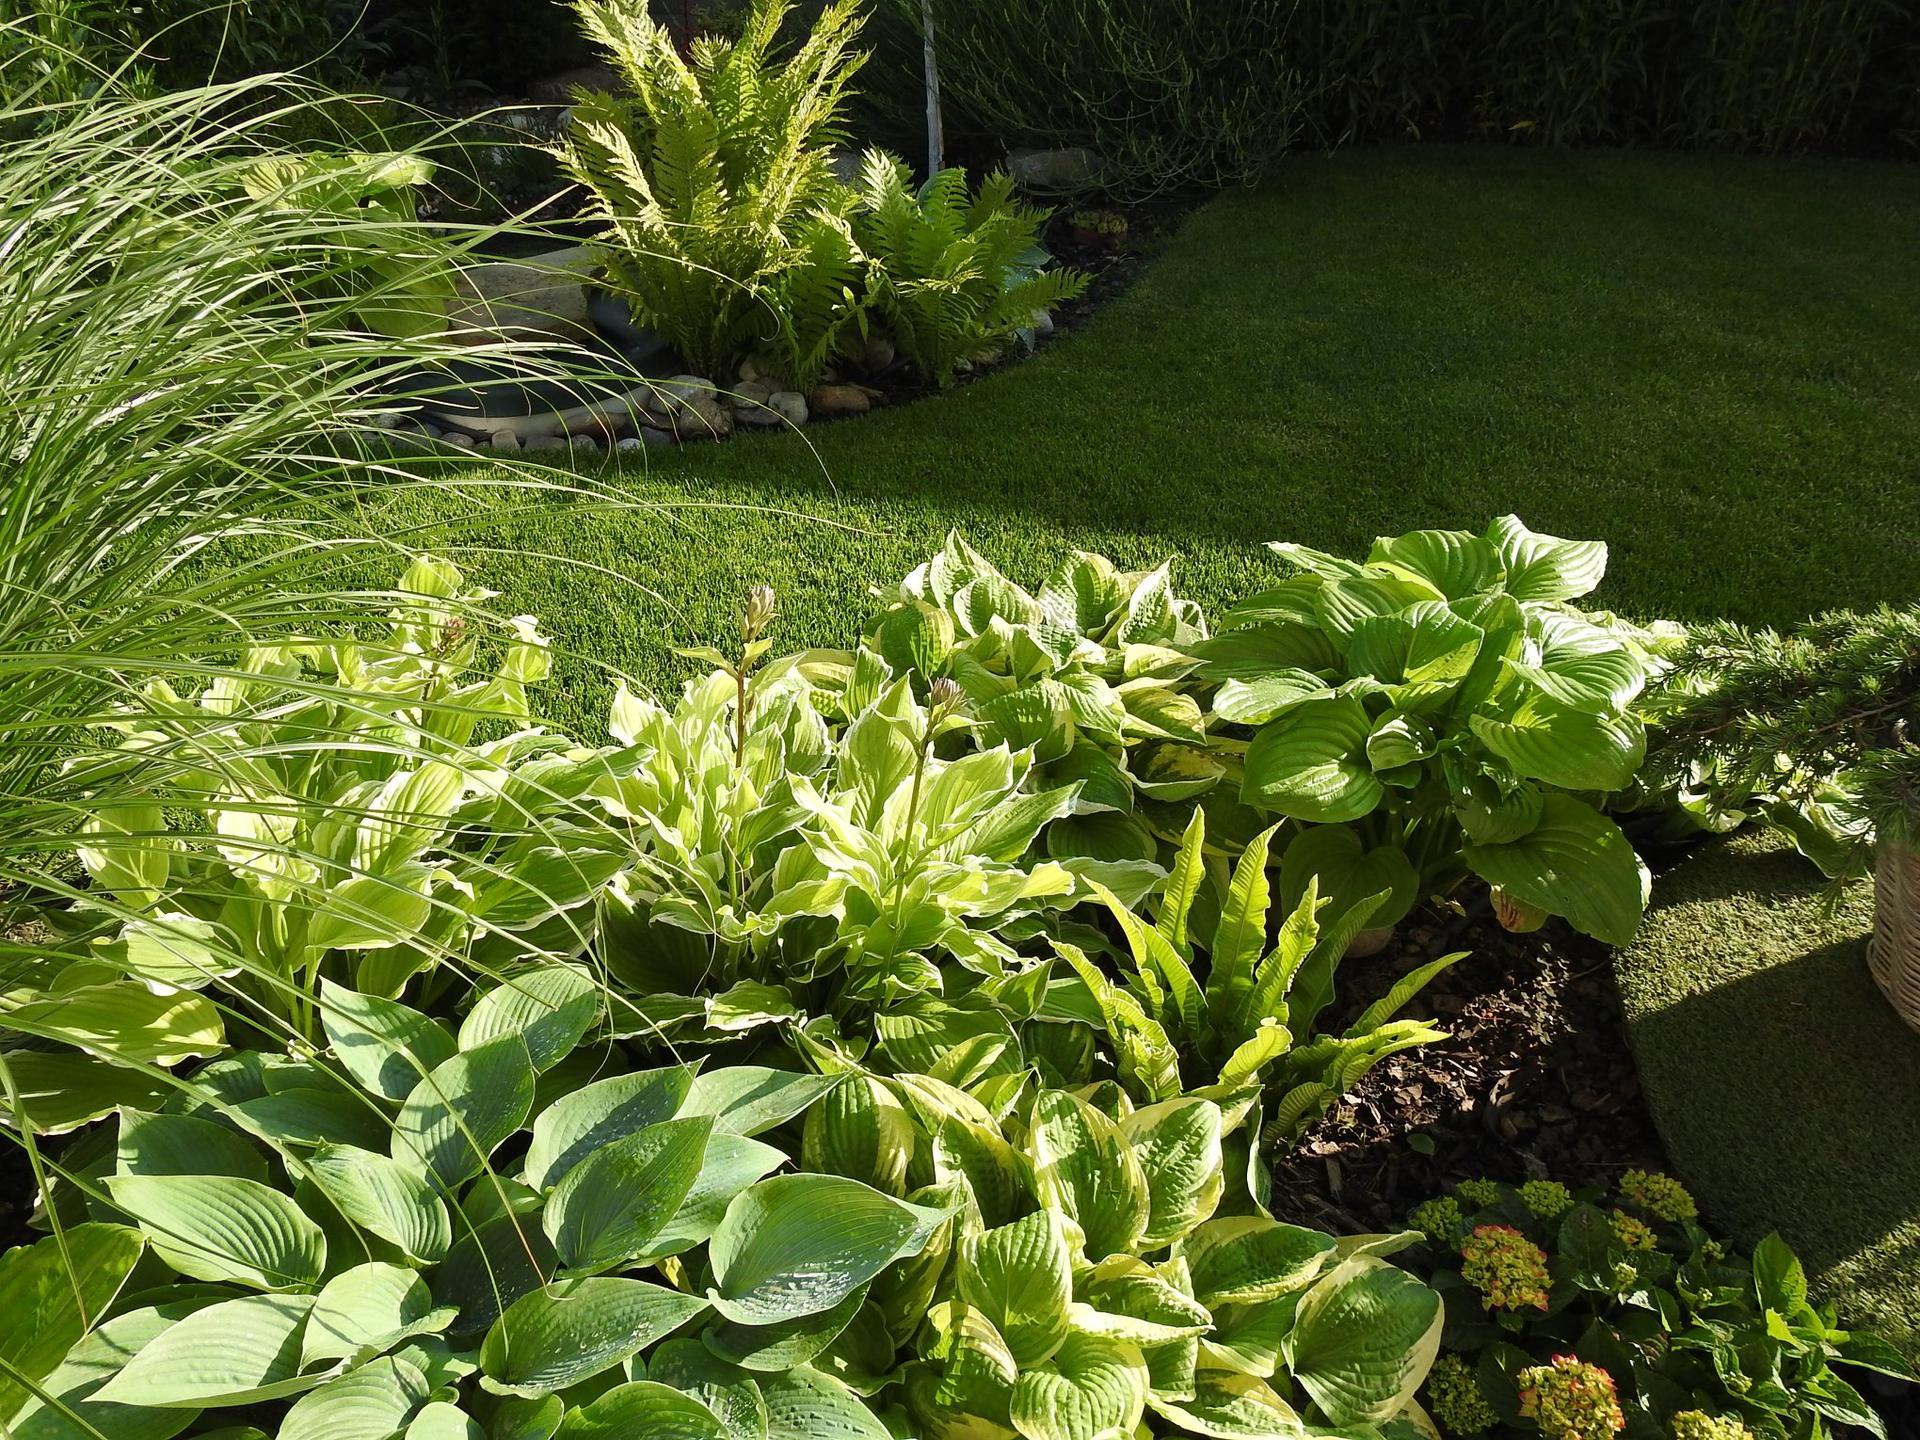 Hosta (Funkia) v záhrade, osvieži a okrášli každý tienistý kút - Obrázok č. 3